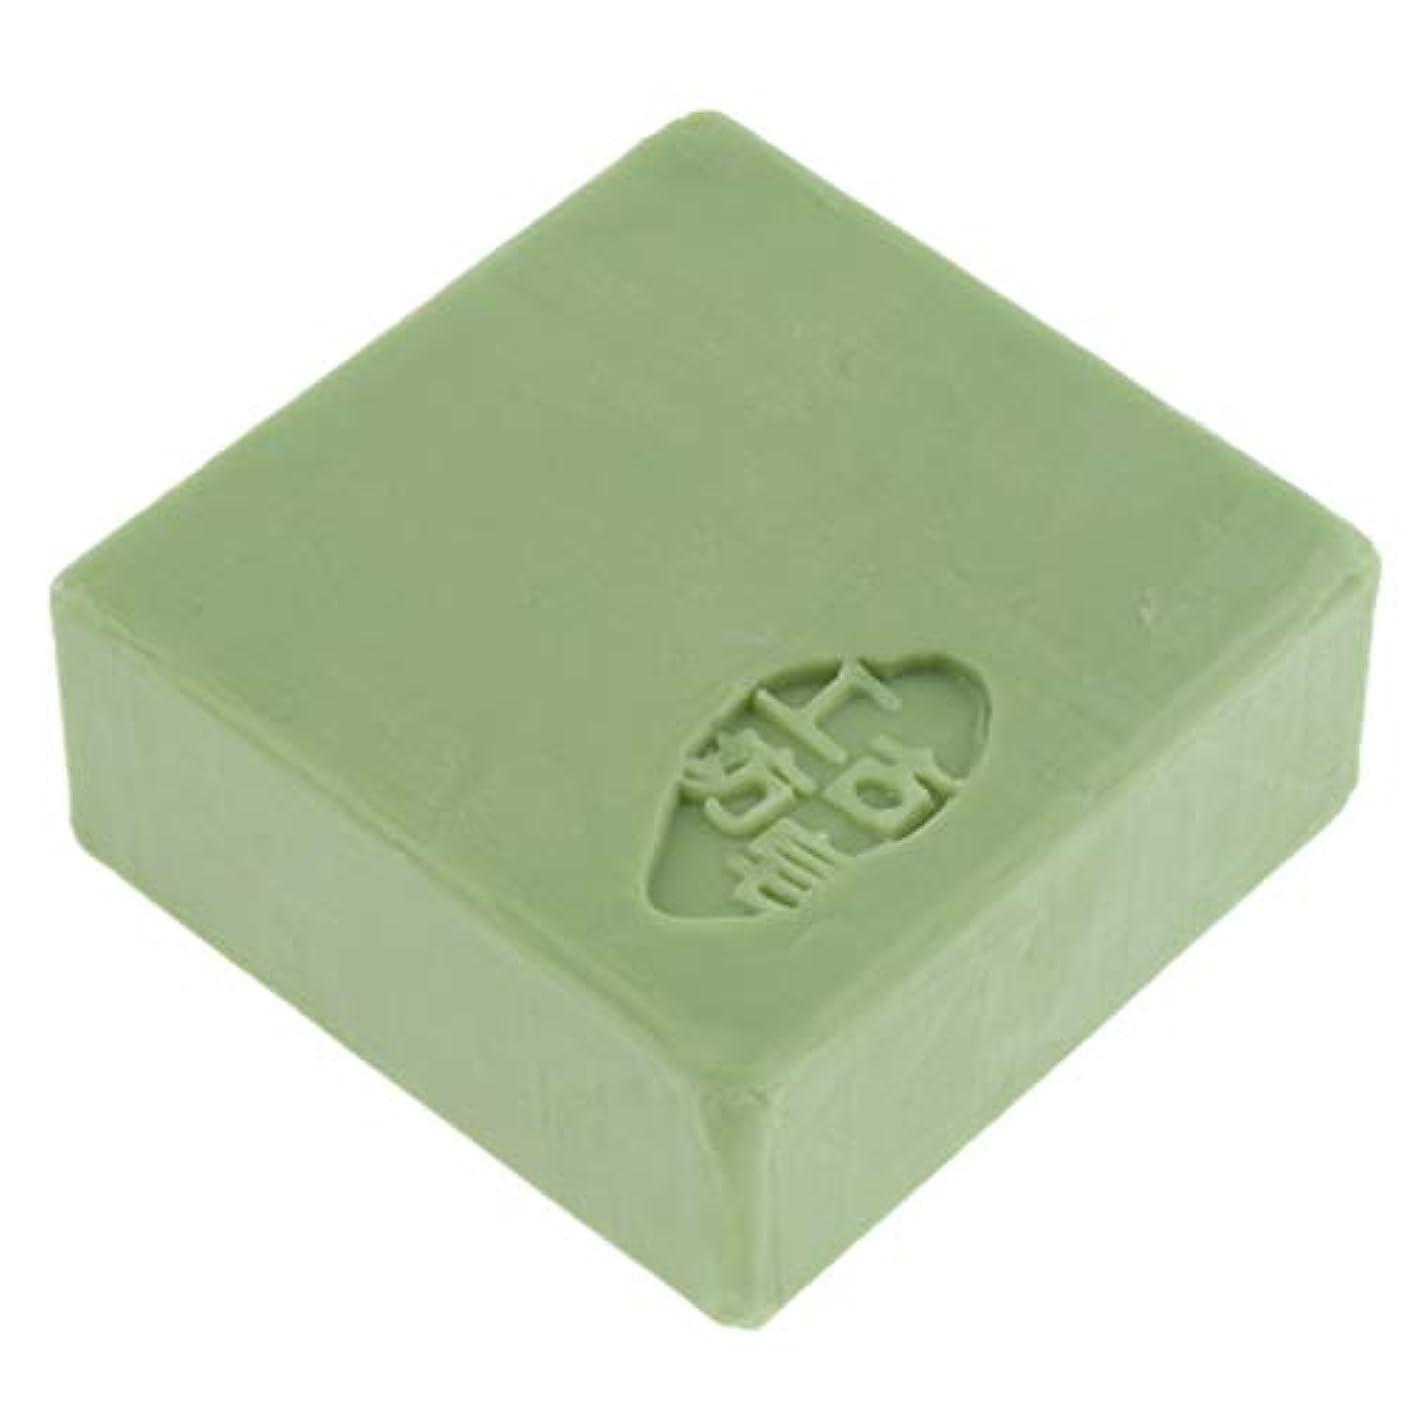 降ろす言い訳ディプロマFLAMEER フェイスソープ ボディソープ スキンケア 石鹸 メイク落とし 全3色 - 緑